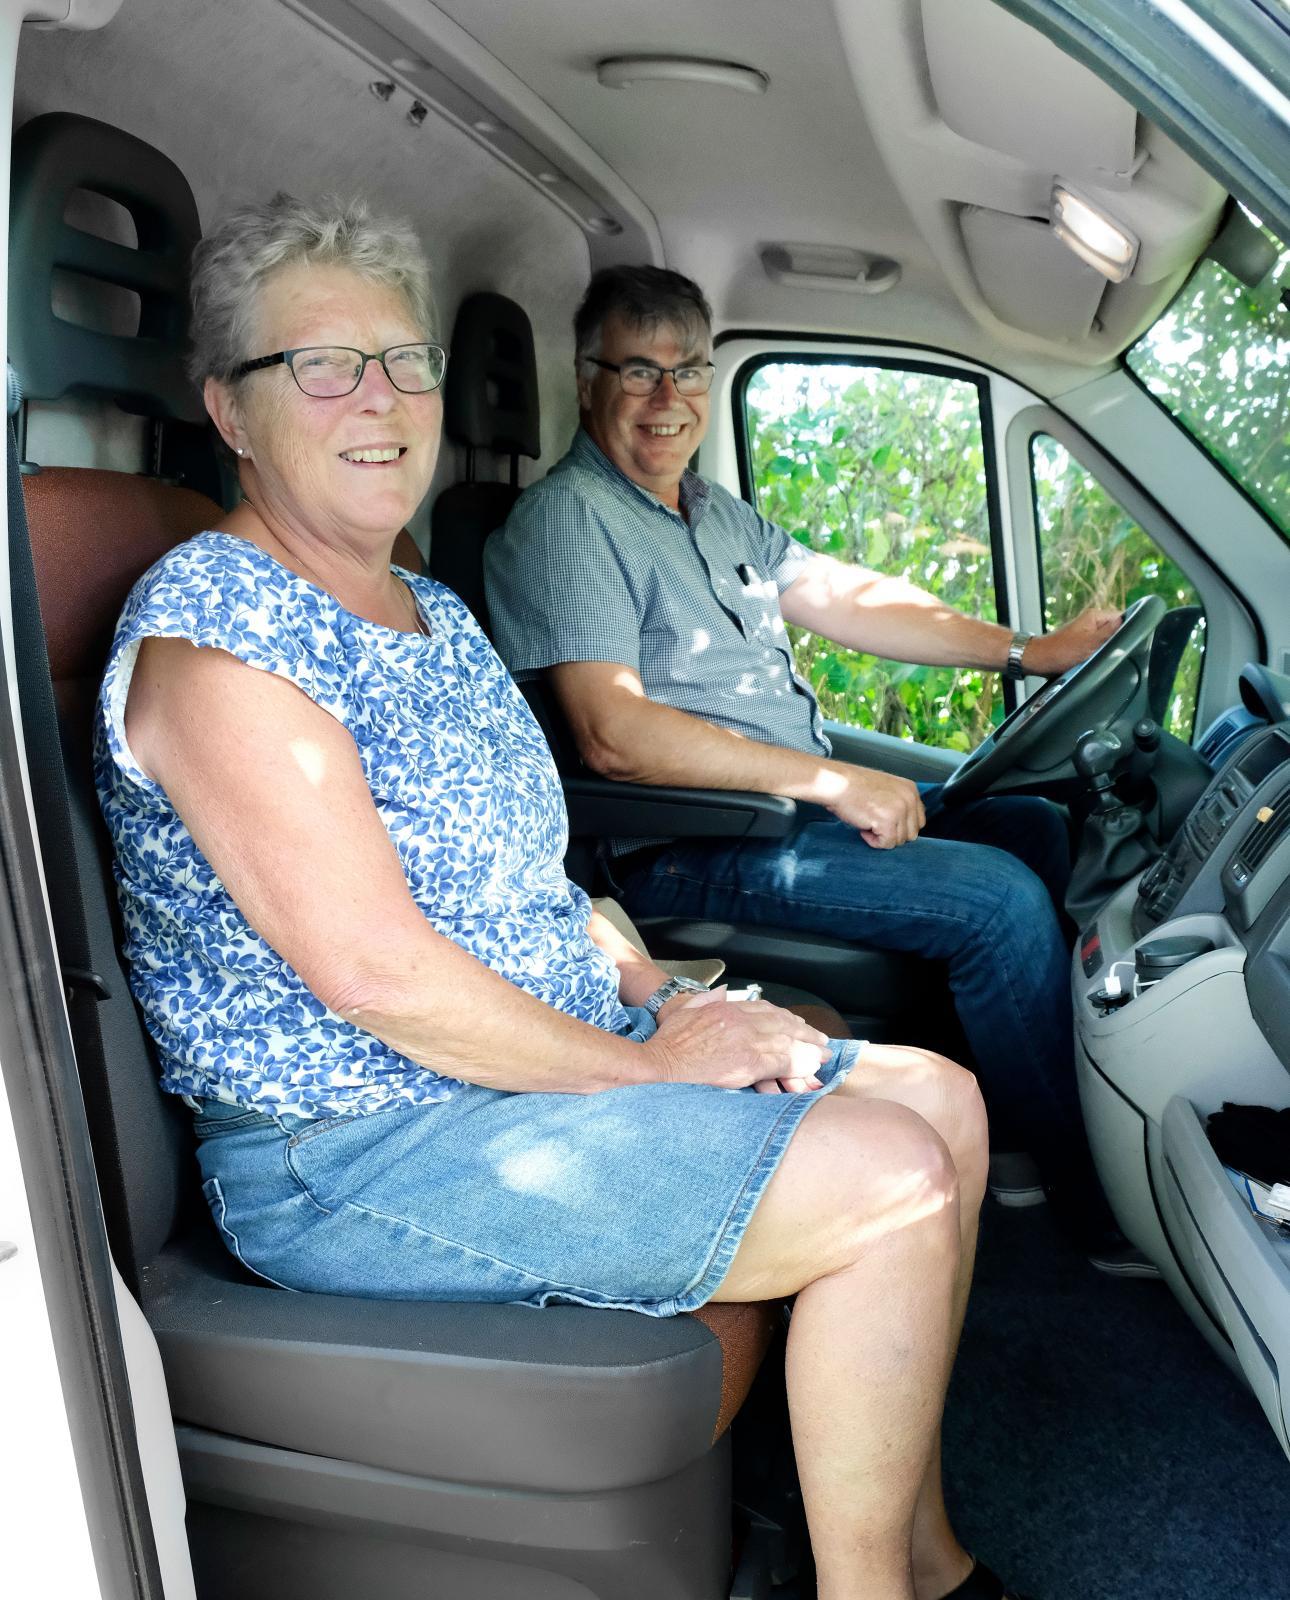 Lotten och Kjell ser fram emot många fler resor i en husbil som är optimal för just dem. Kanske dyker de upp på Burning Van 2020?